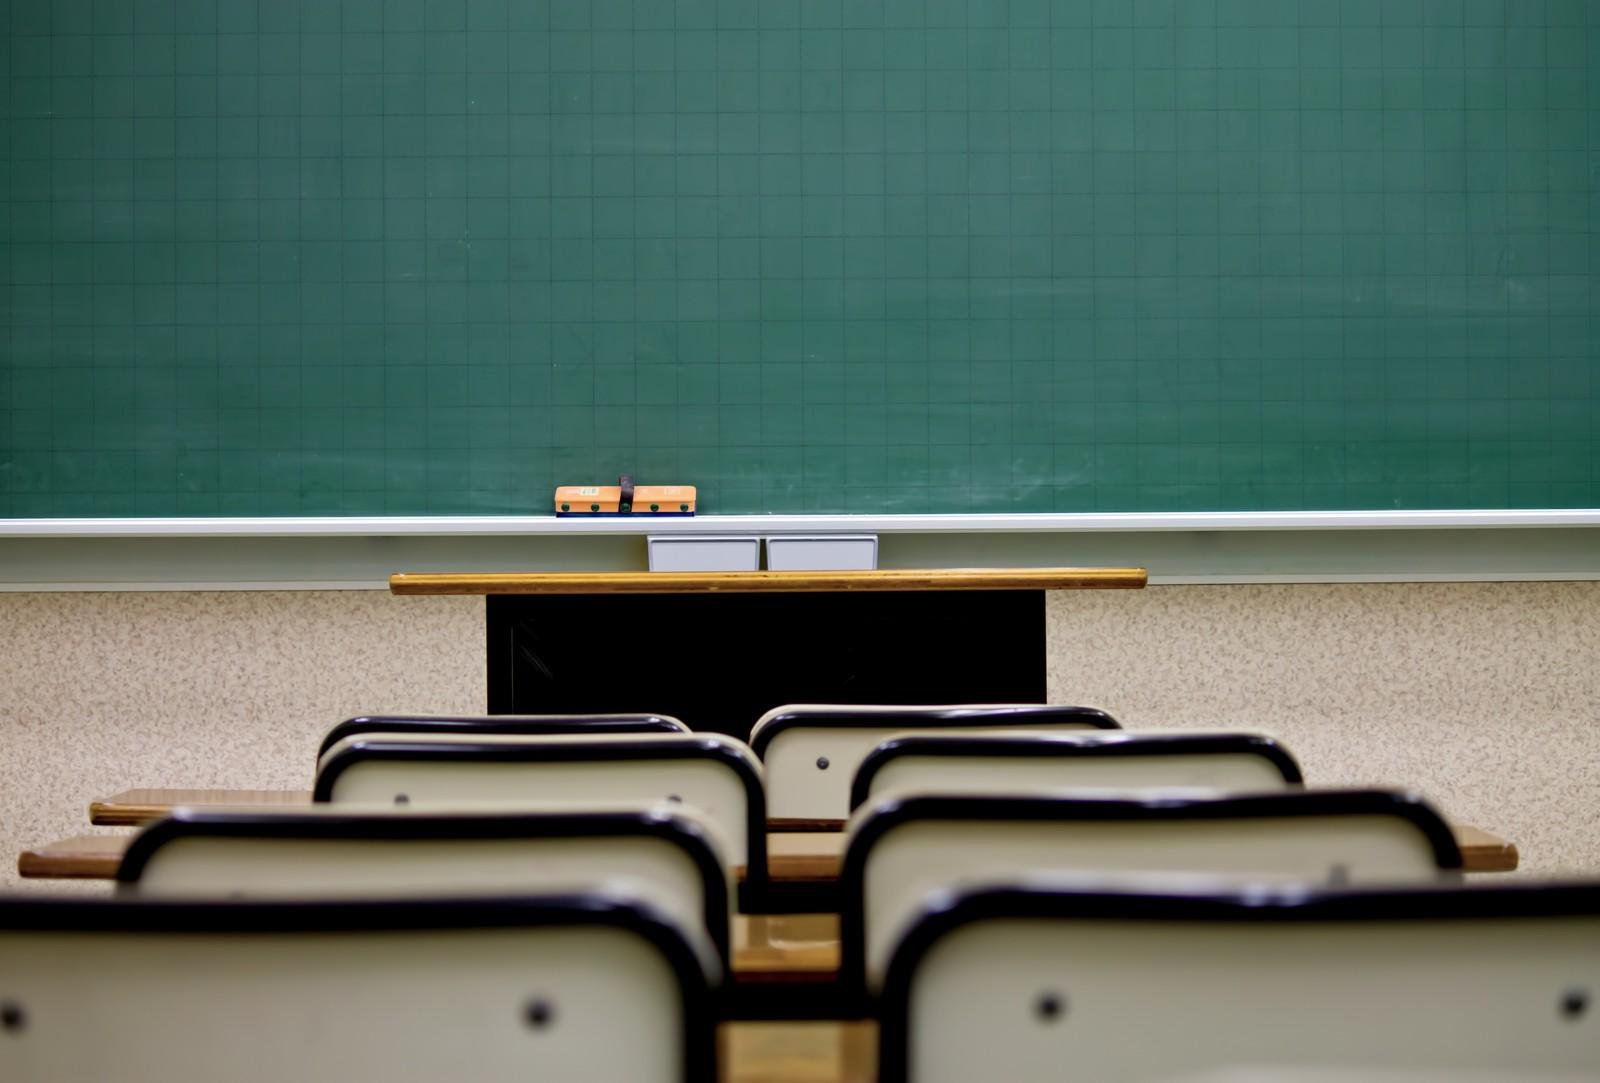 高校生 1000人 教育費払えず 強制退学